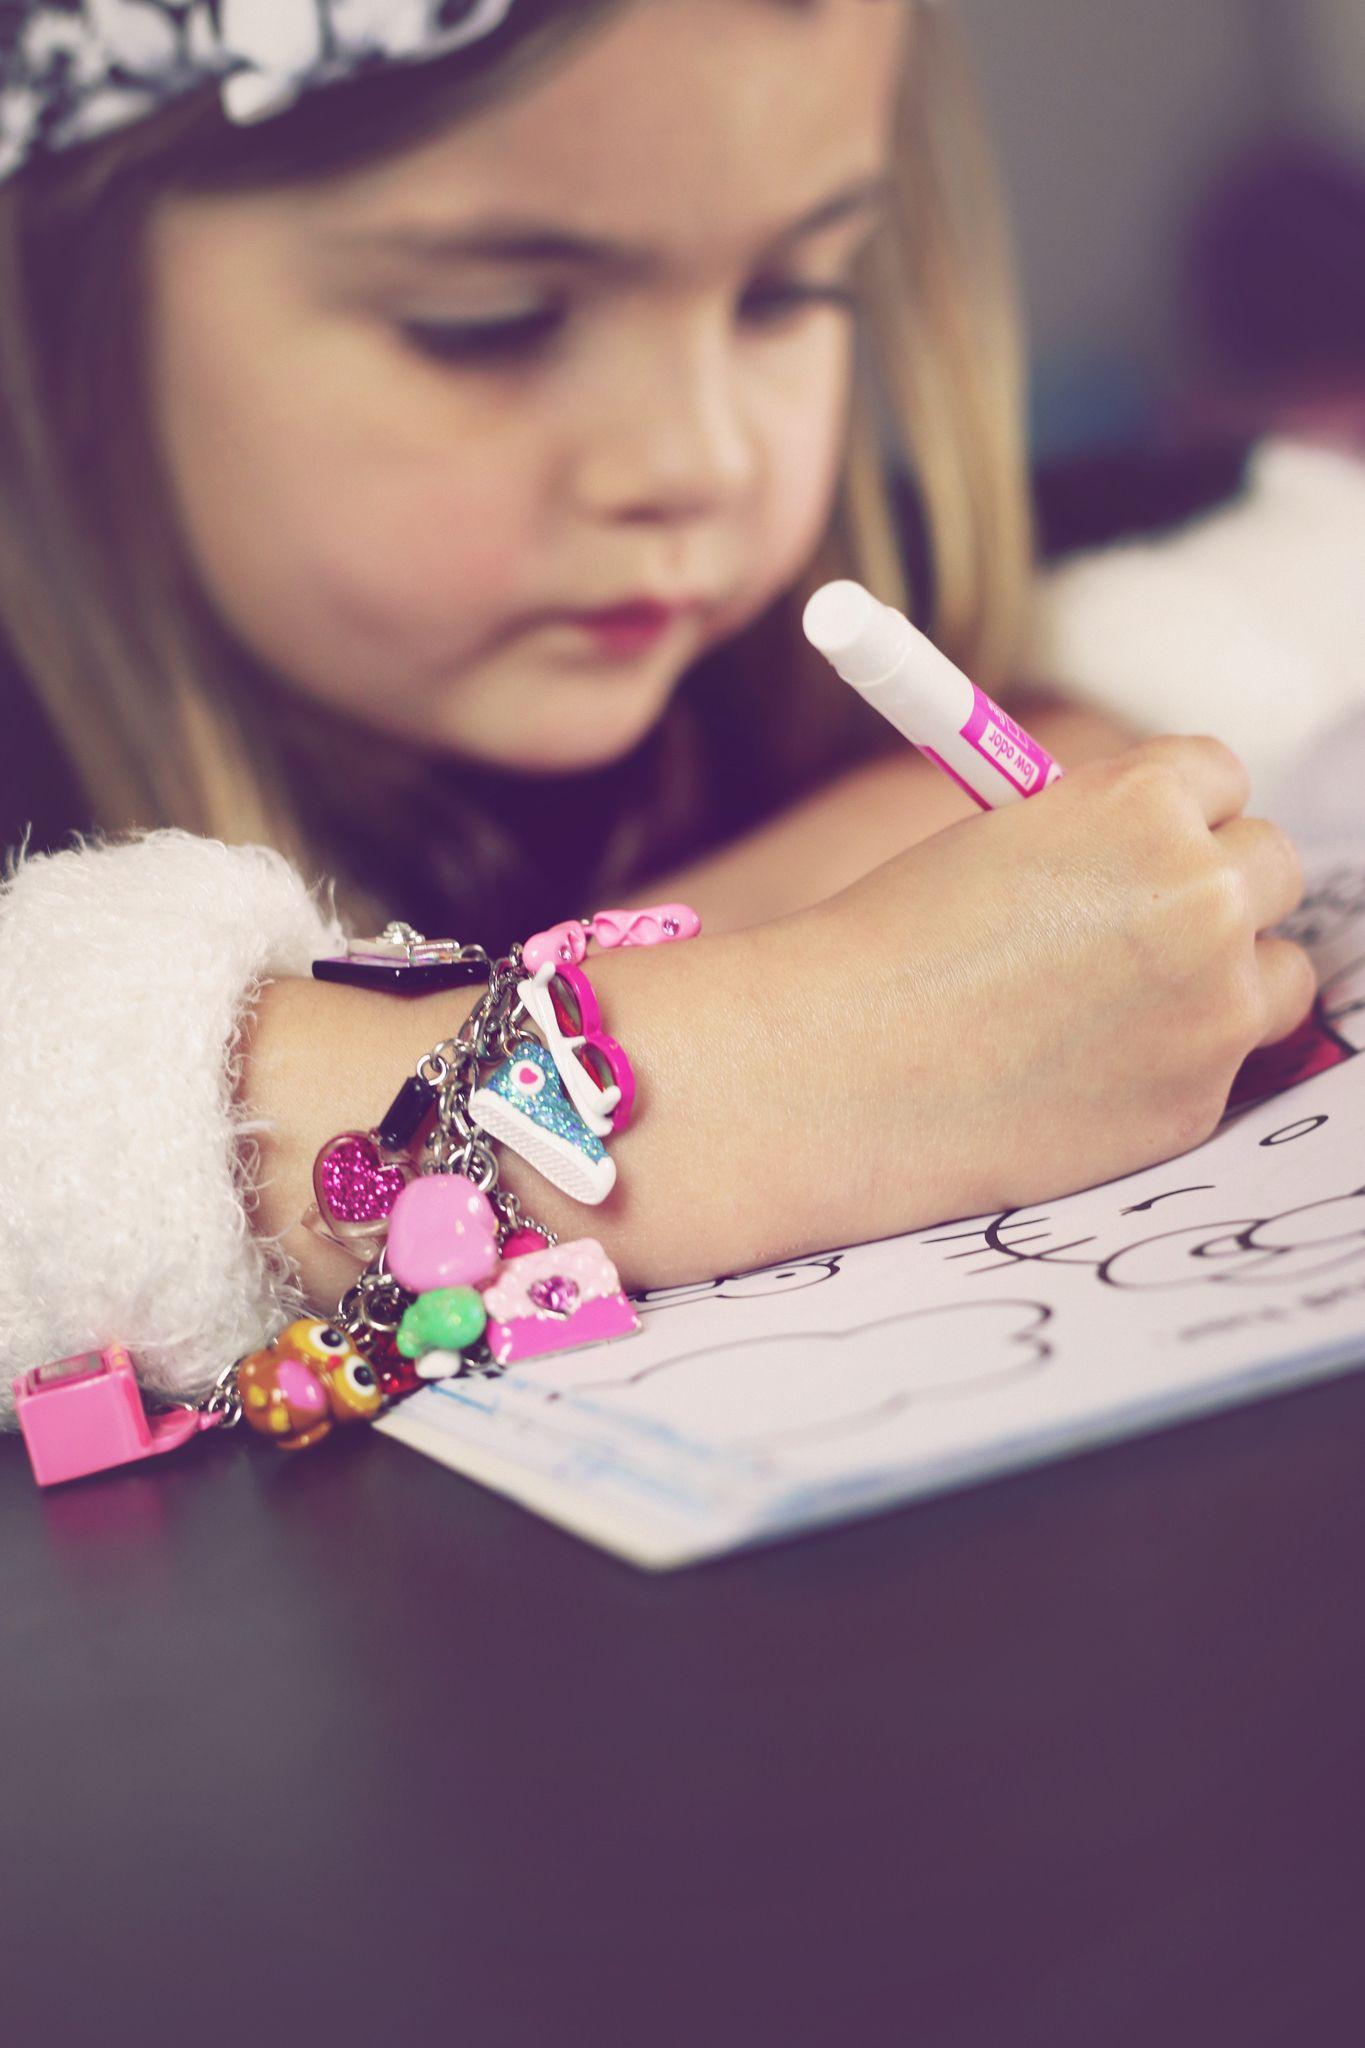 Ivy loves her new charm bracelet!! #chasinivy #charmit